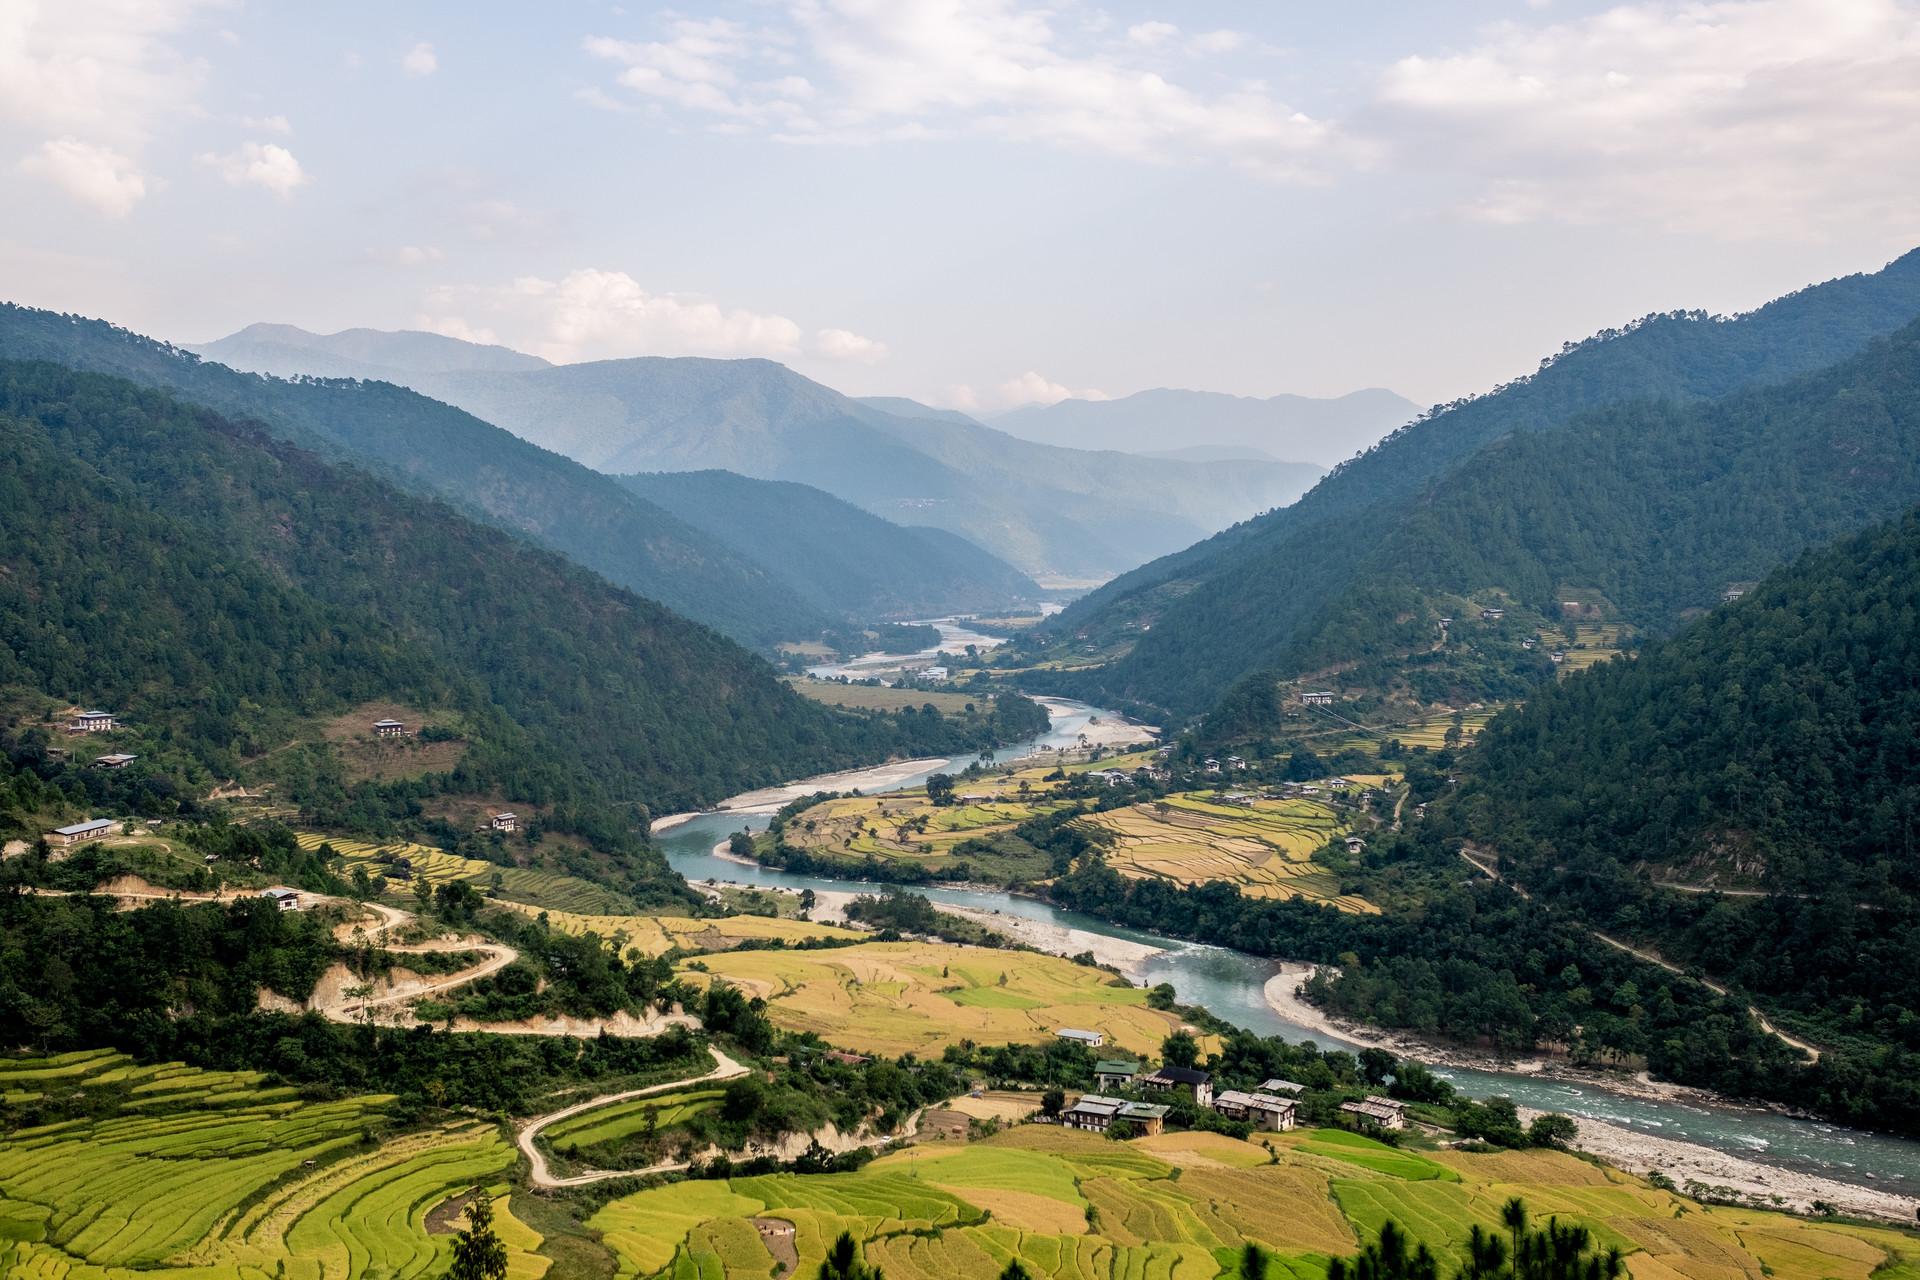 bhutan-163640.jpg